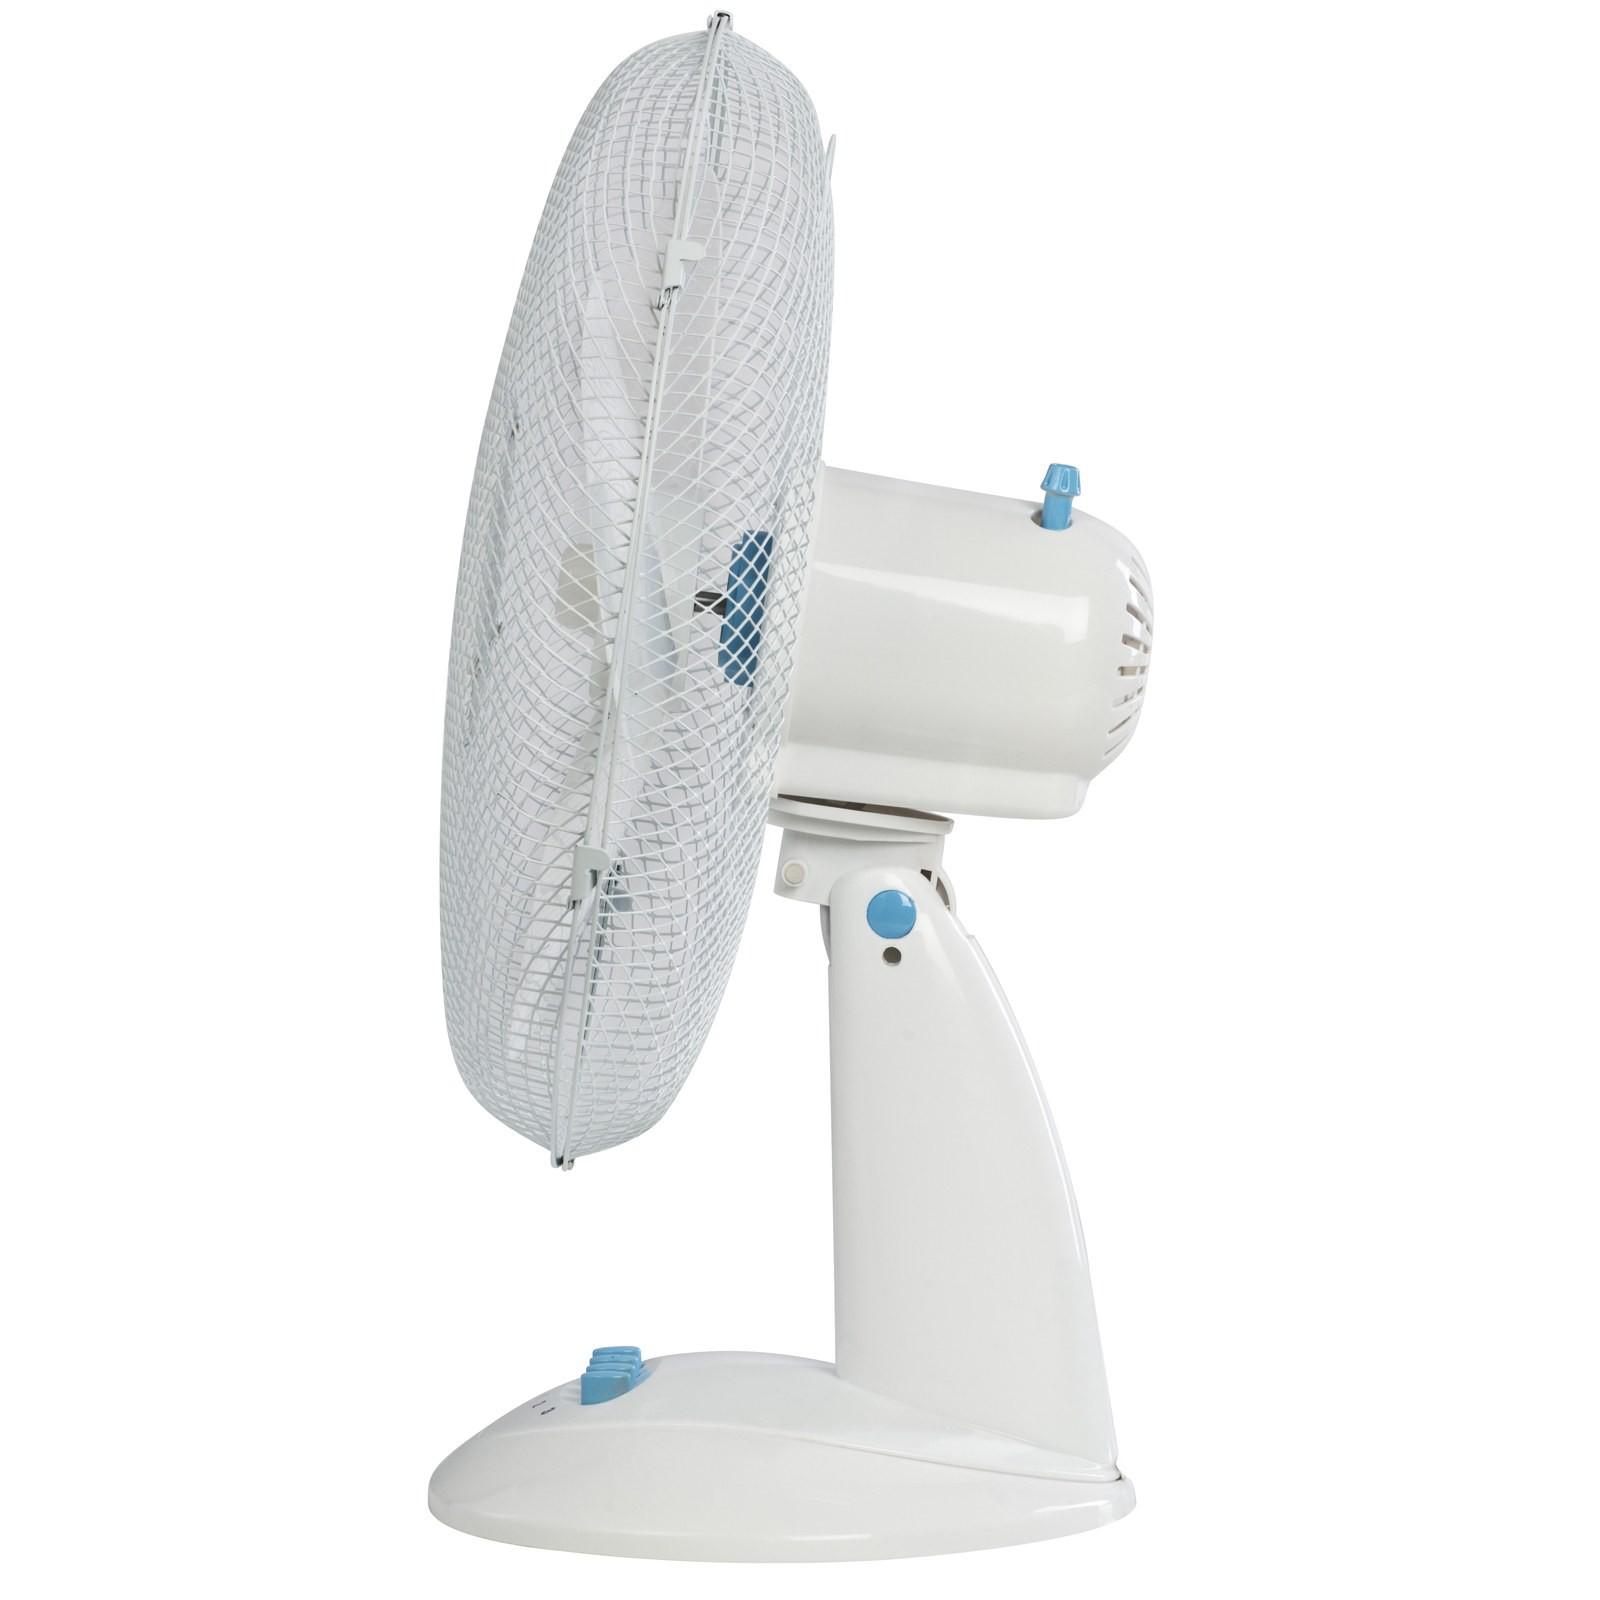 Ventilatore da tavolo oscillante a pale 30 cm 3 velocit area illumina - Ventilatore da tavolo silenzioso ...